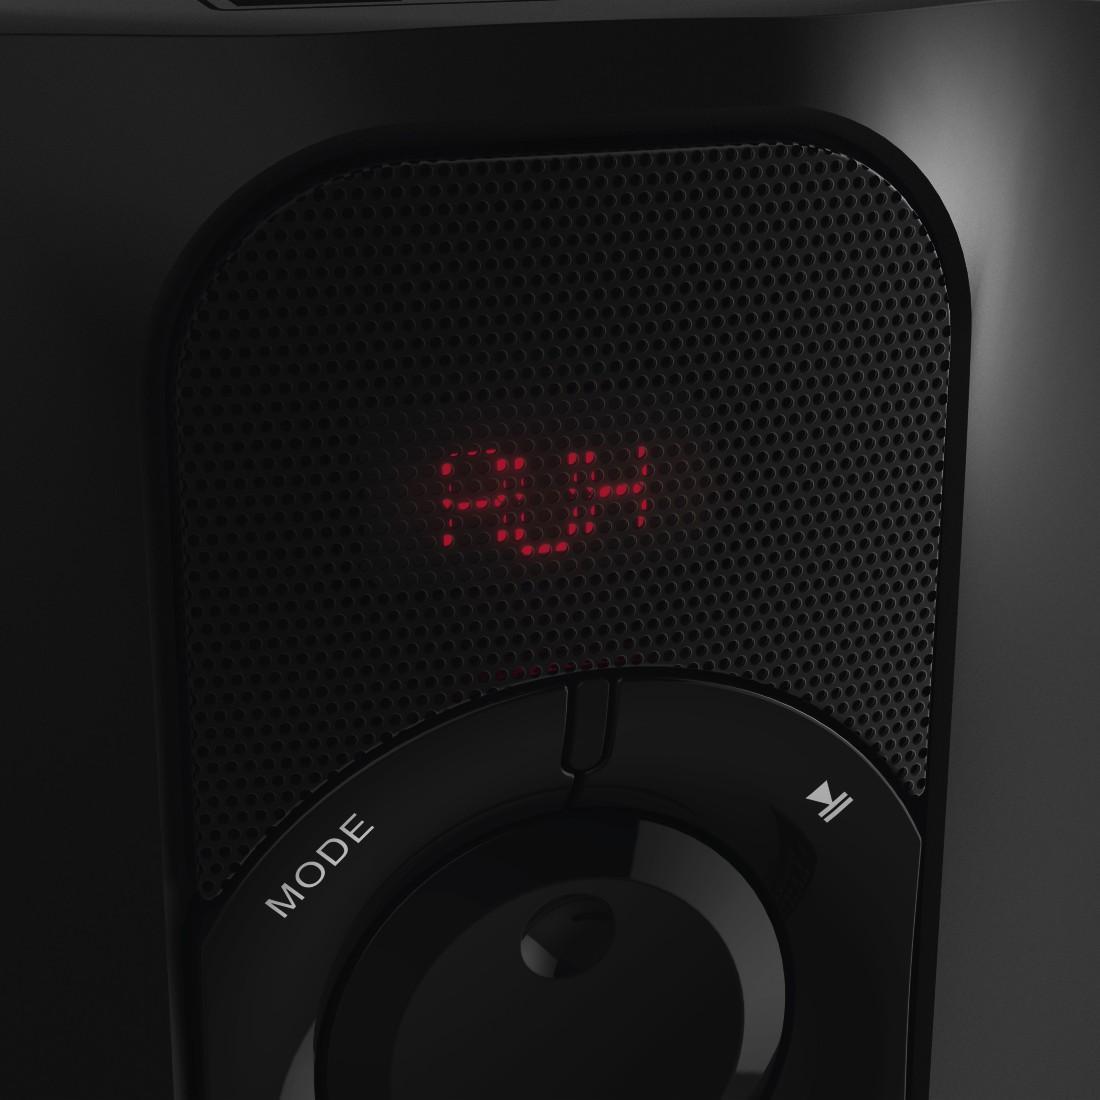 Озвучителна система HAMA PR-2180 173139, 2.1, 2 x 22W + 35W, Черен/Червен